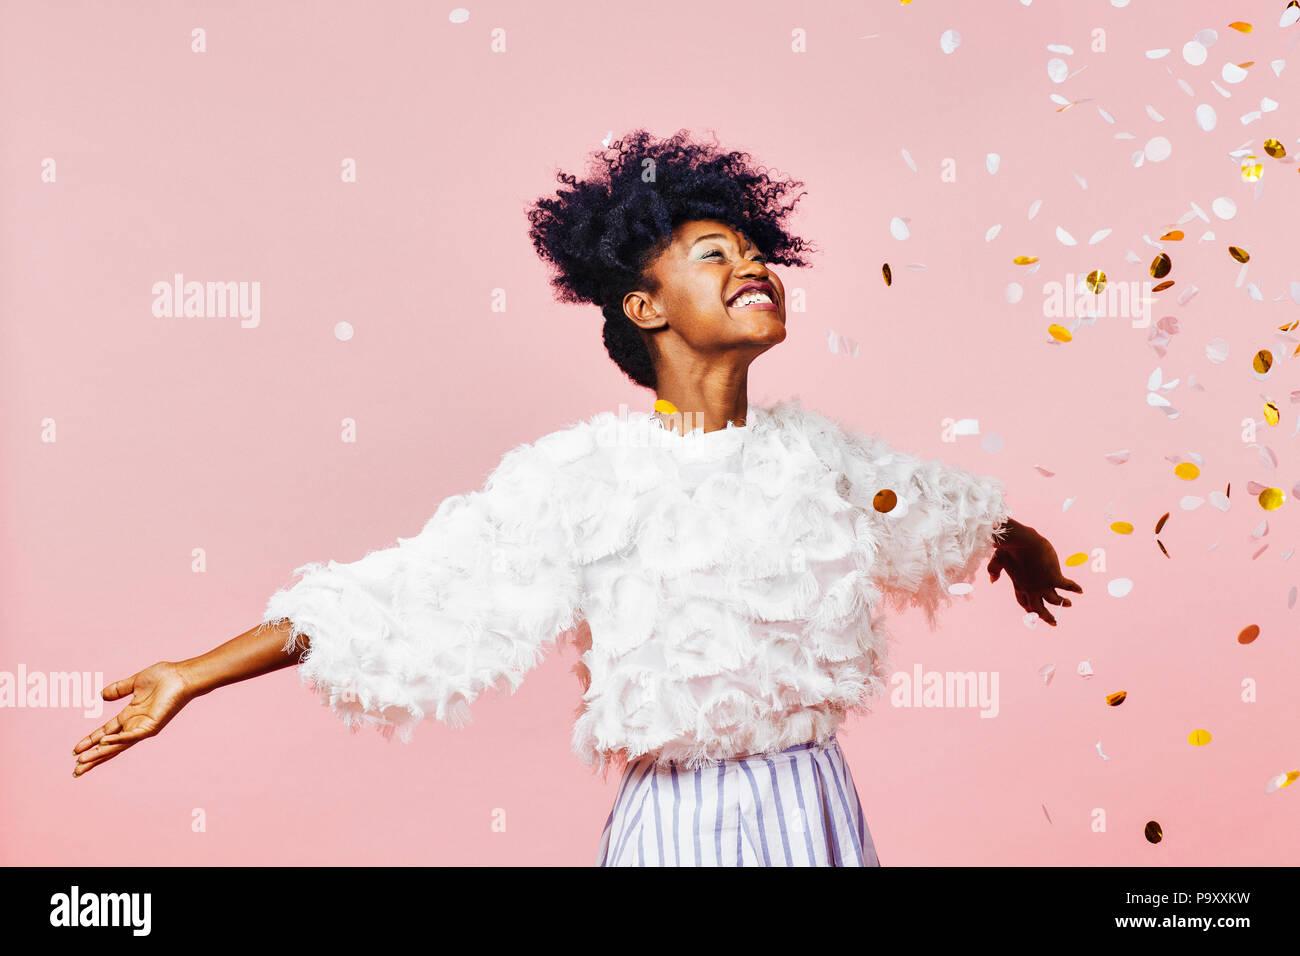 Un moment magique - Portrait d'une très bonne fille avec les bras, souriant à confettis tombant Photo Stock